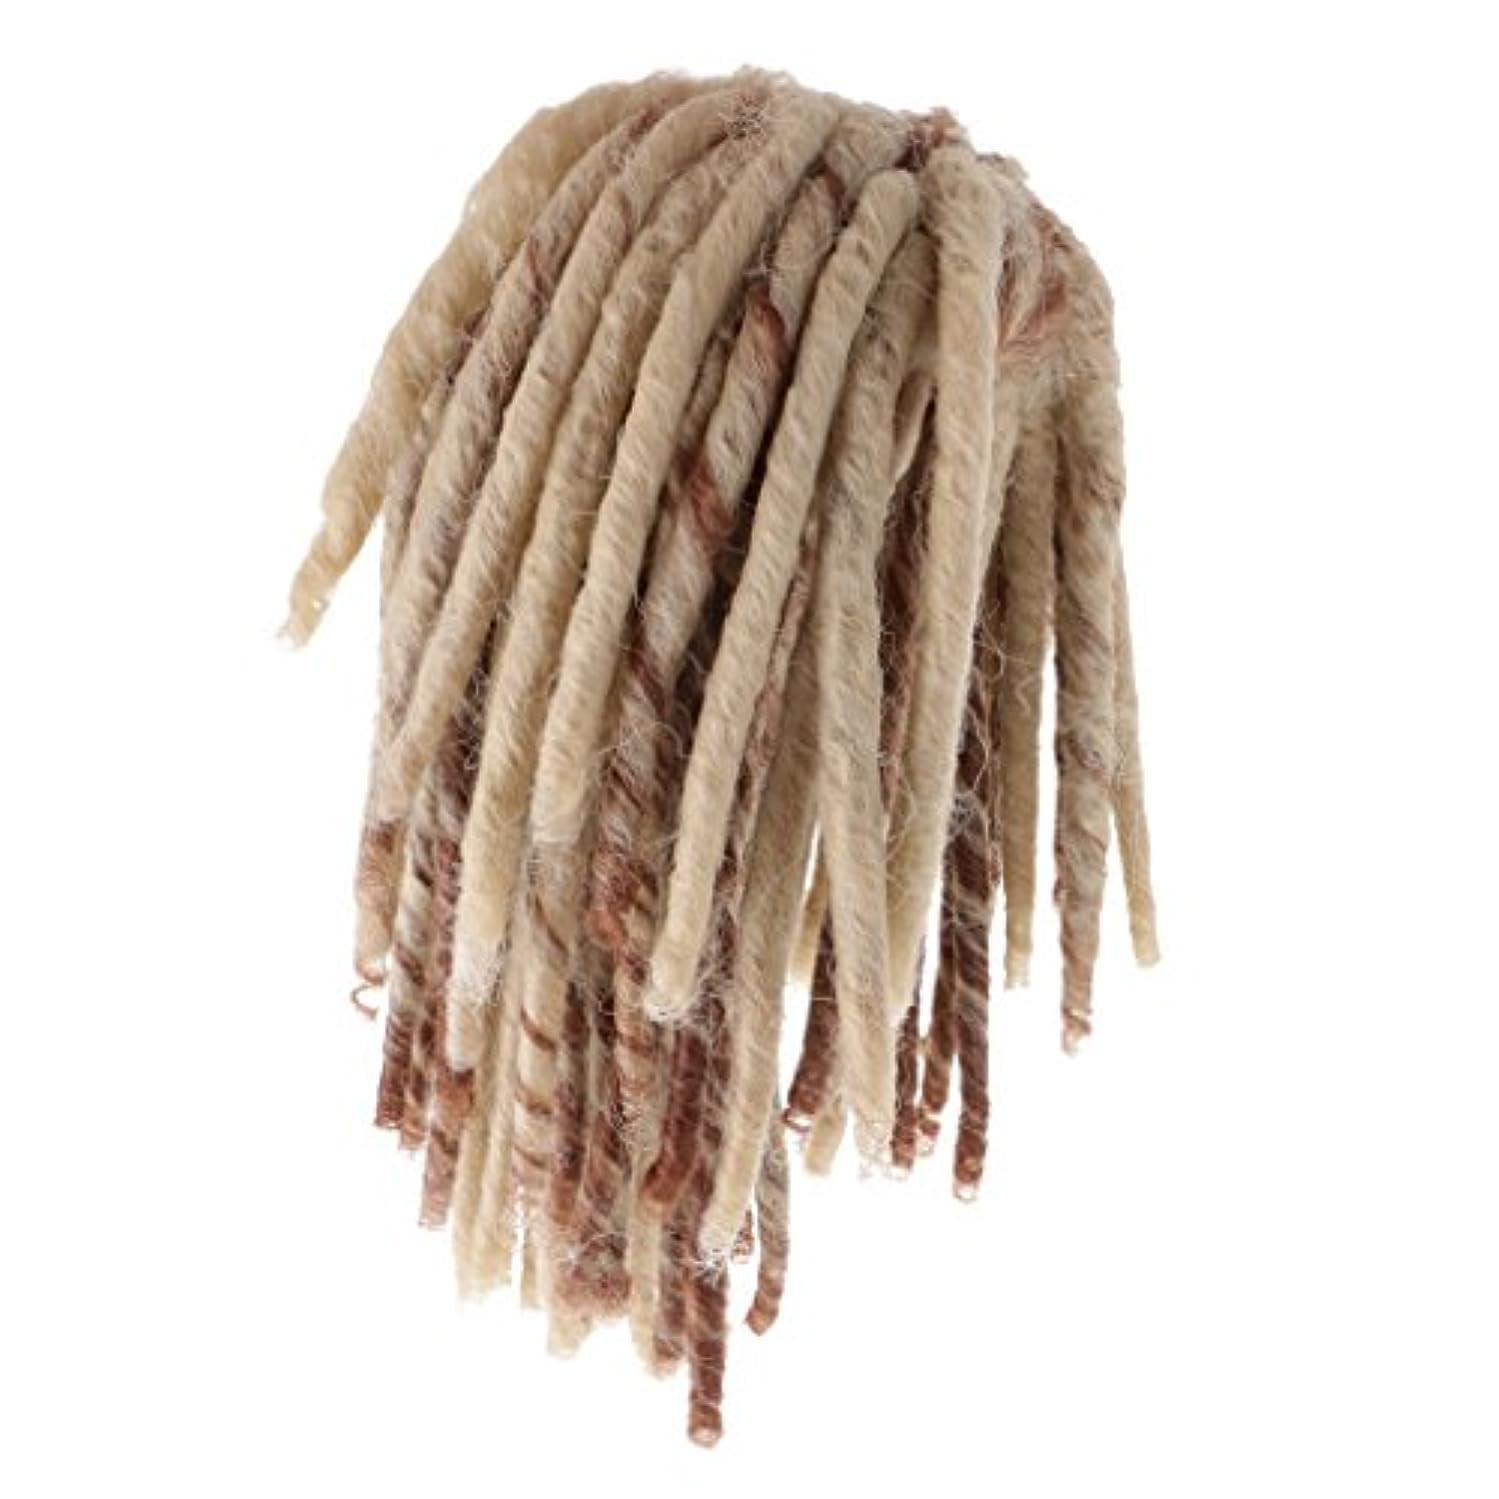 高く朝の体操をする関数Dovewill 人形用ウィッグ  ドレッドかつら  カーリー かつら  髪 ヘア 18インチドール用  DIY修理用品  全2色  - ブラウン